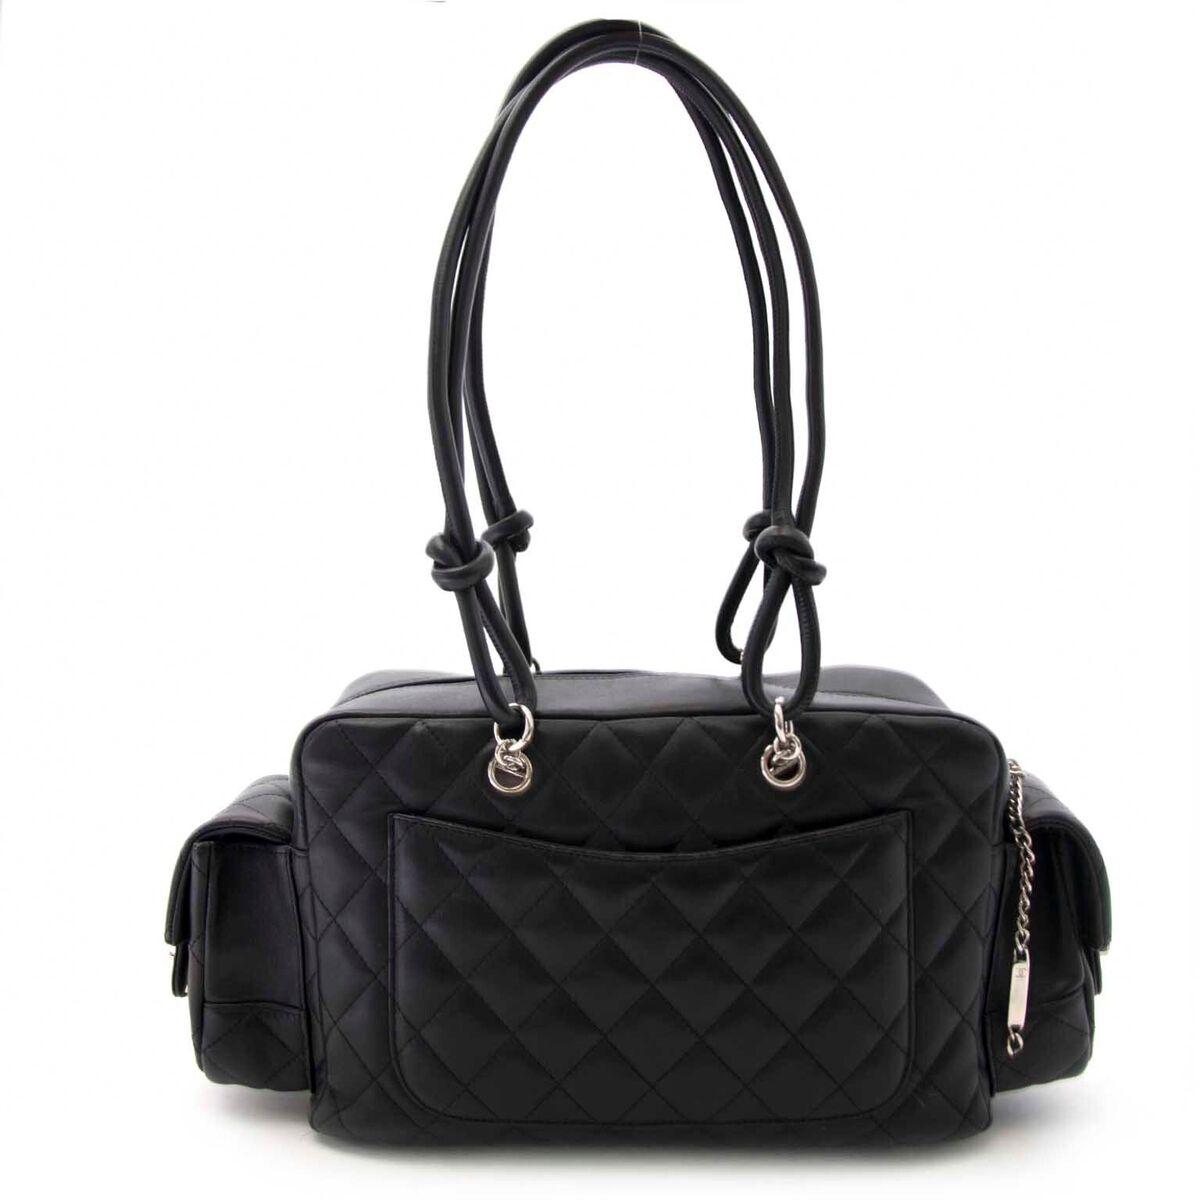 Koop authentieke tweedehands Chanel tassen aan een eerlijke prijs bij LabelLOV. Veilig online shoppen.